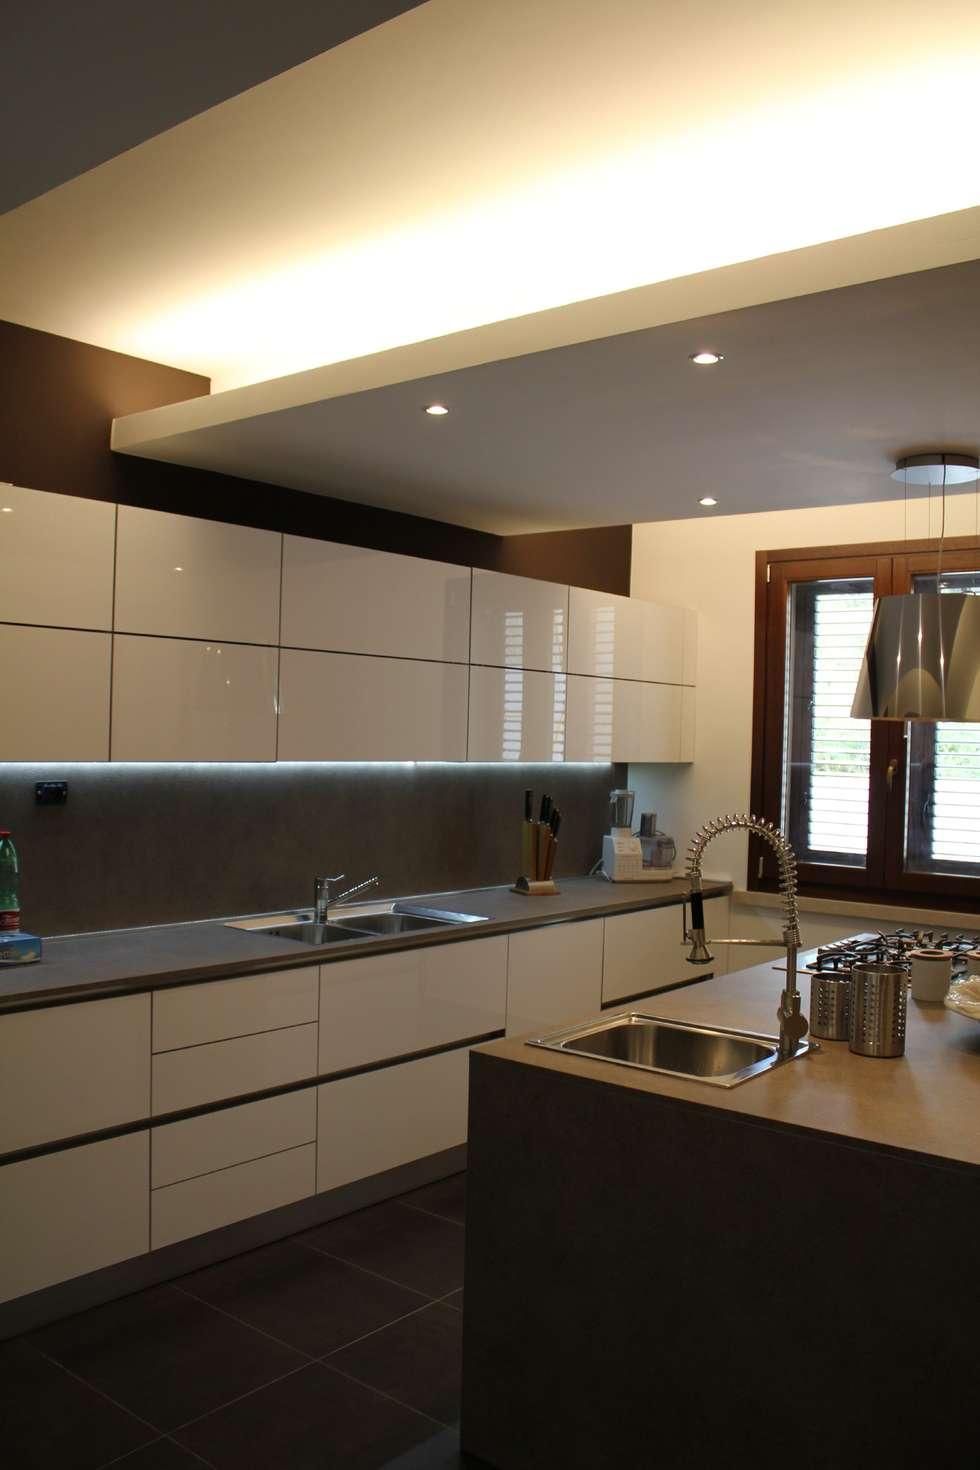 Piano lavoro in cucina: Cucina in stile in stile Moderno di Giuseppe Rappa & Angelo M. Castiglione